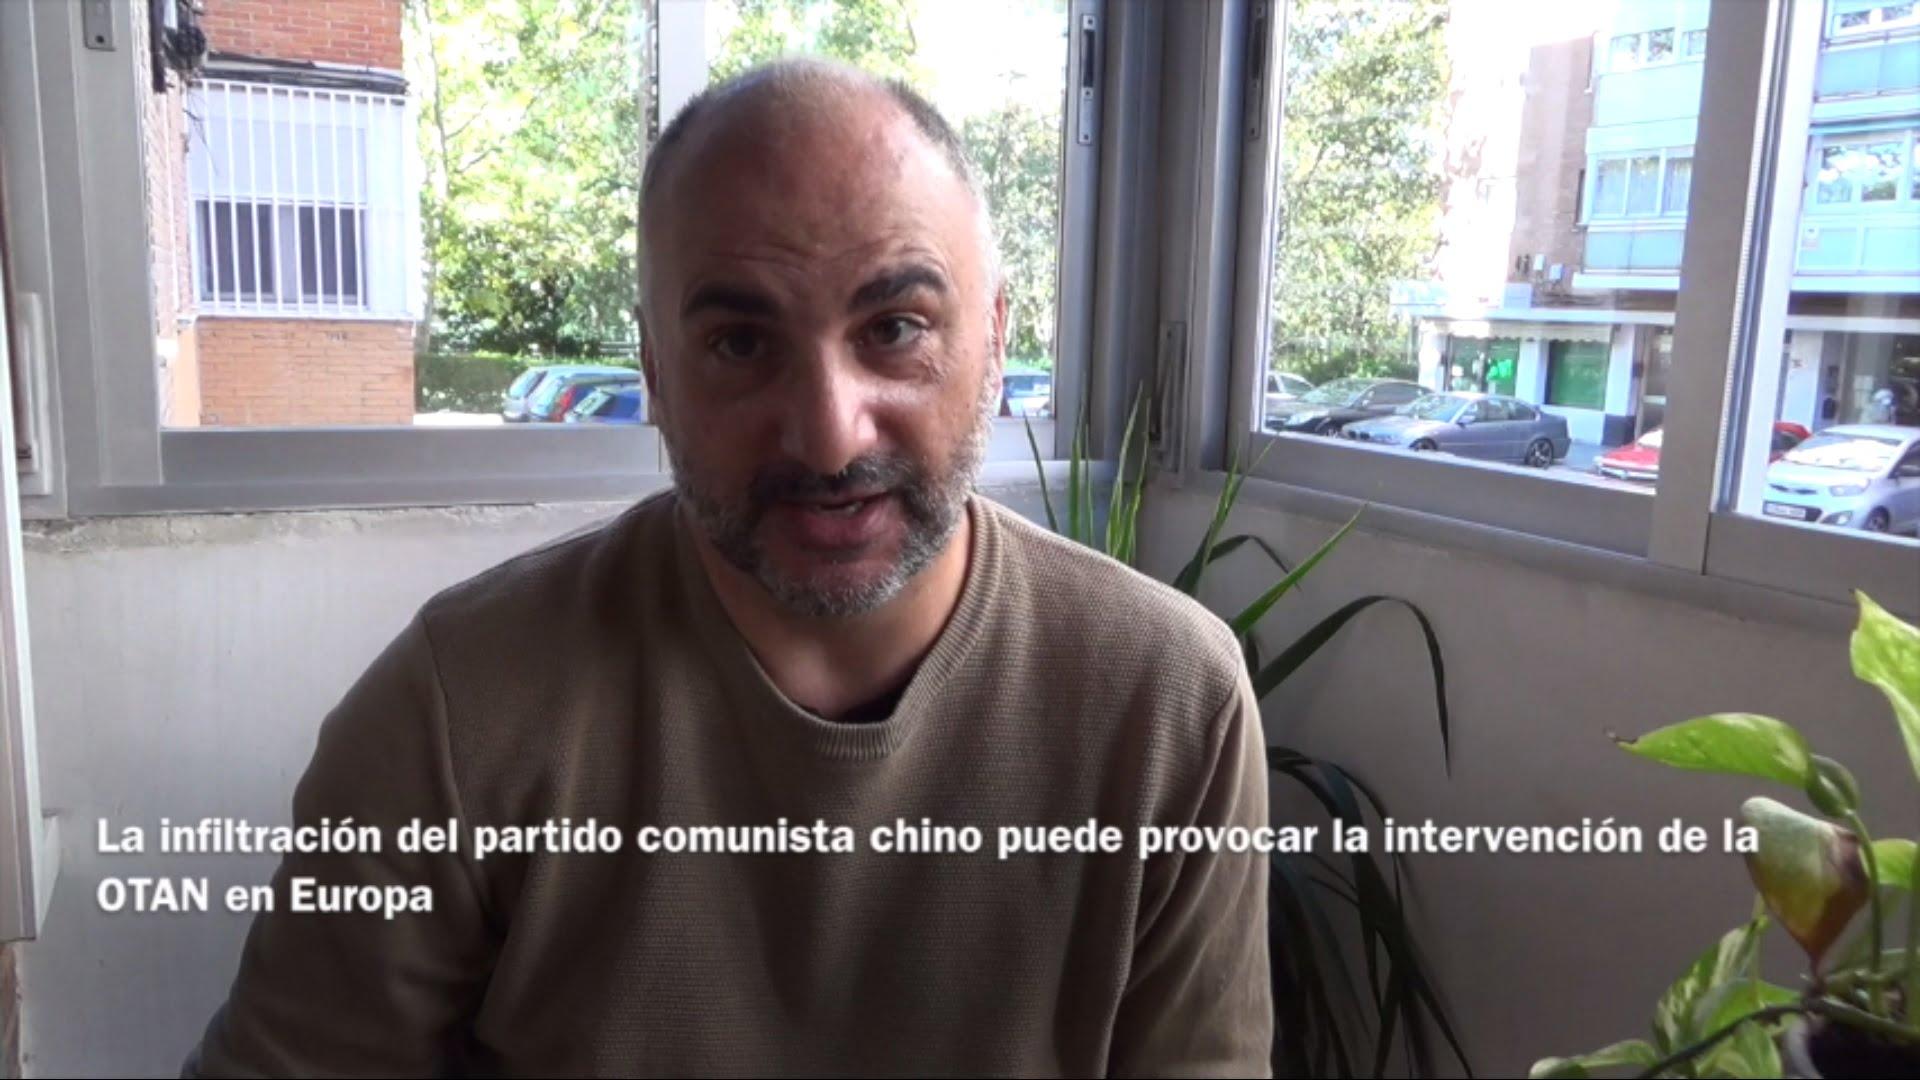 La infiltración del partido comunista chino puede provocar la intervención de la OTAN en Europa